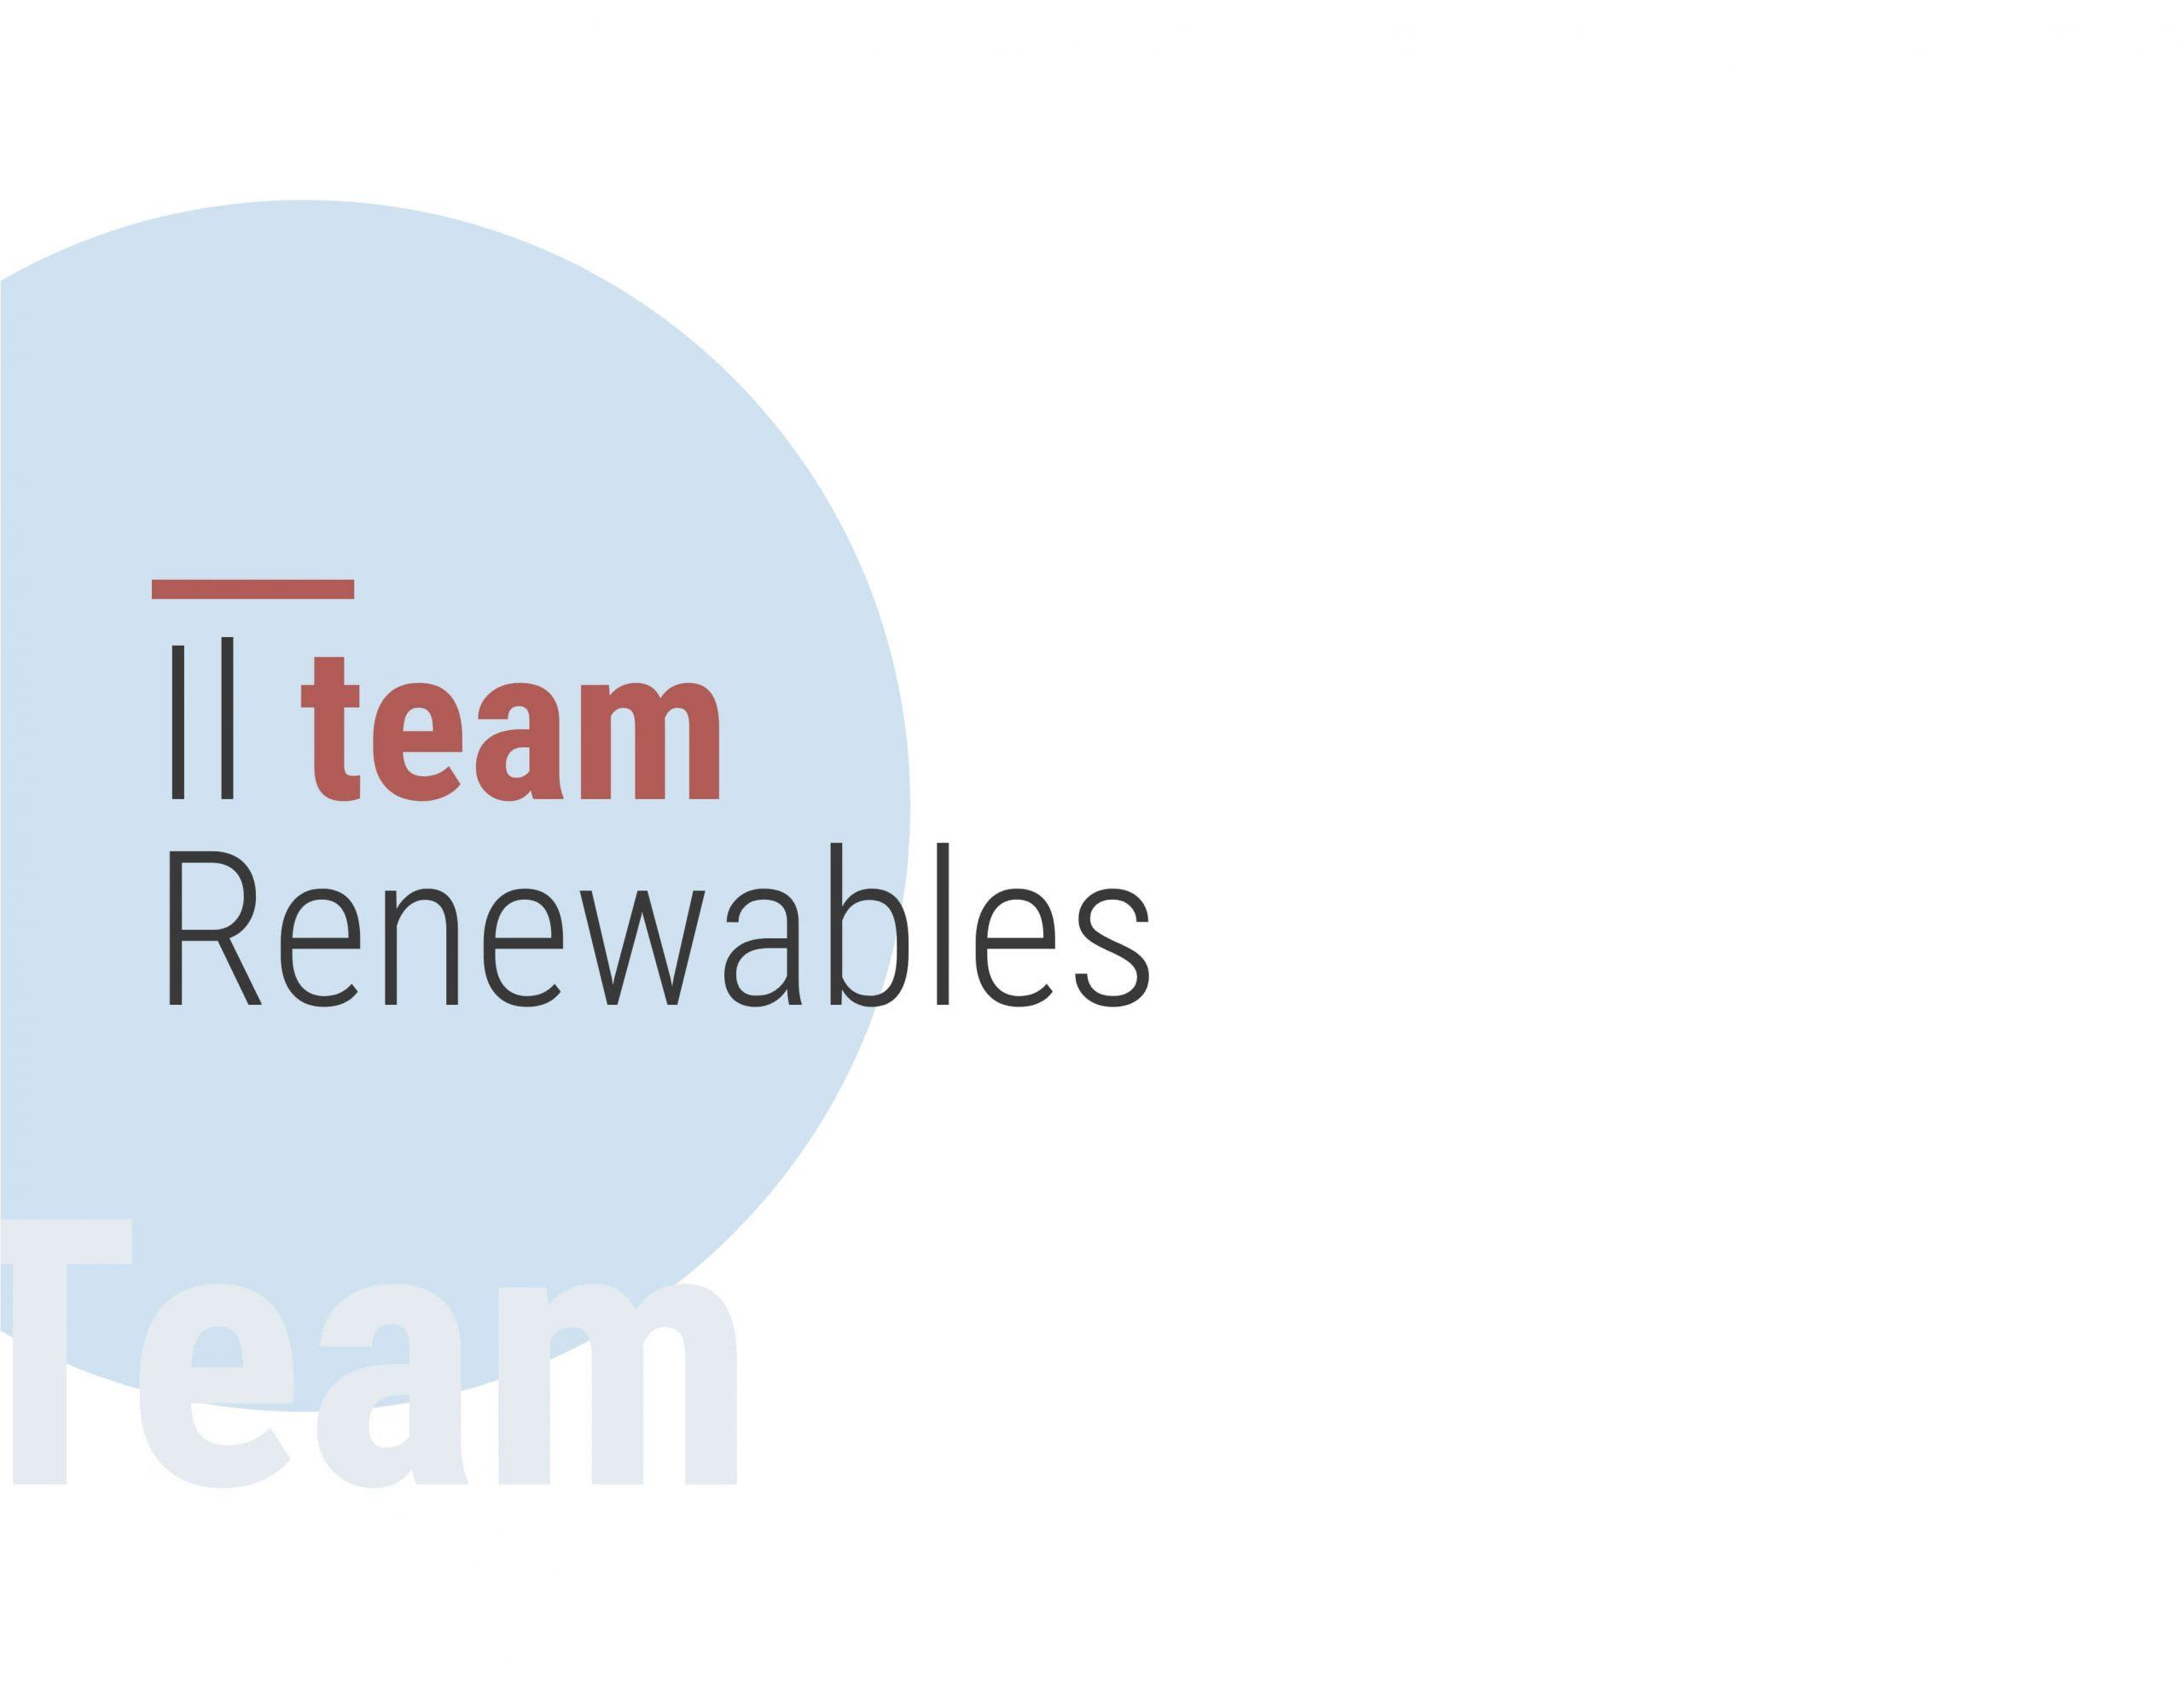 Il team Renewables